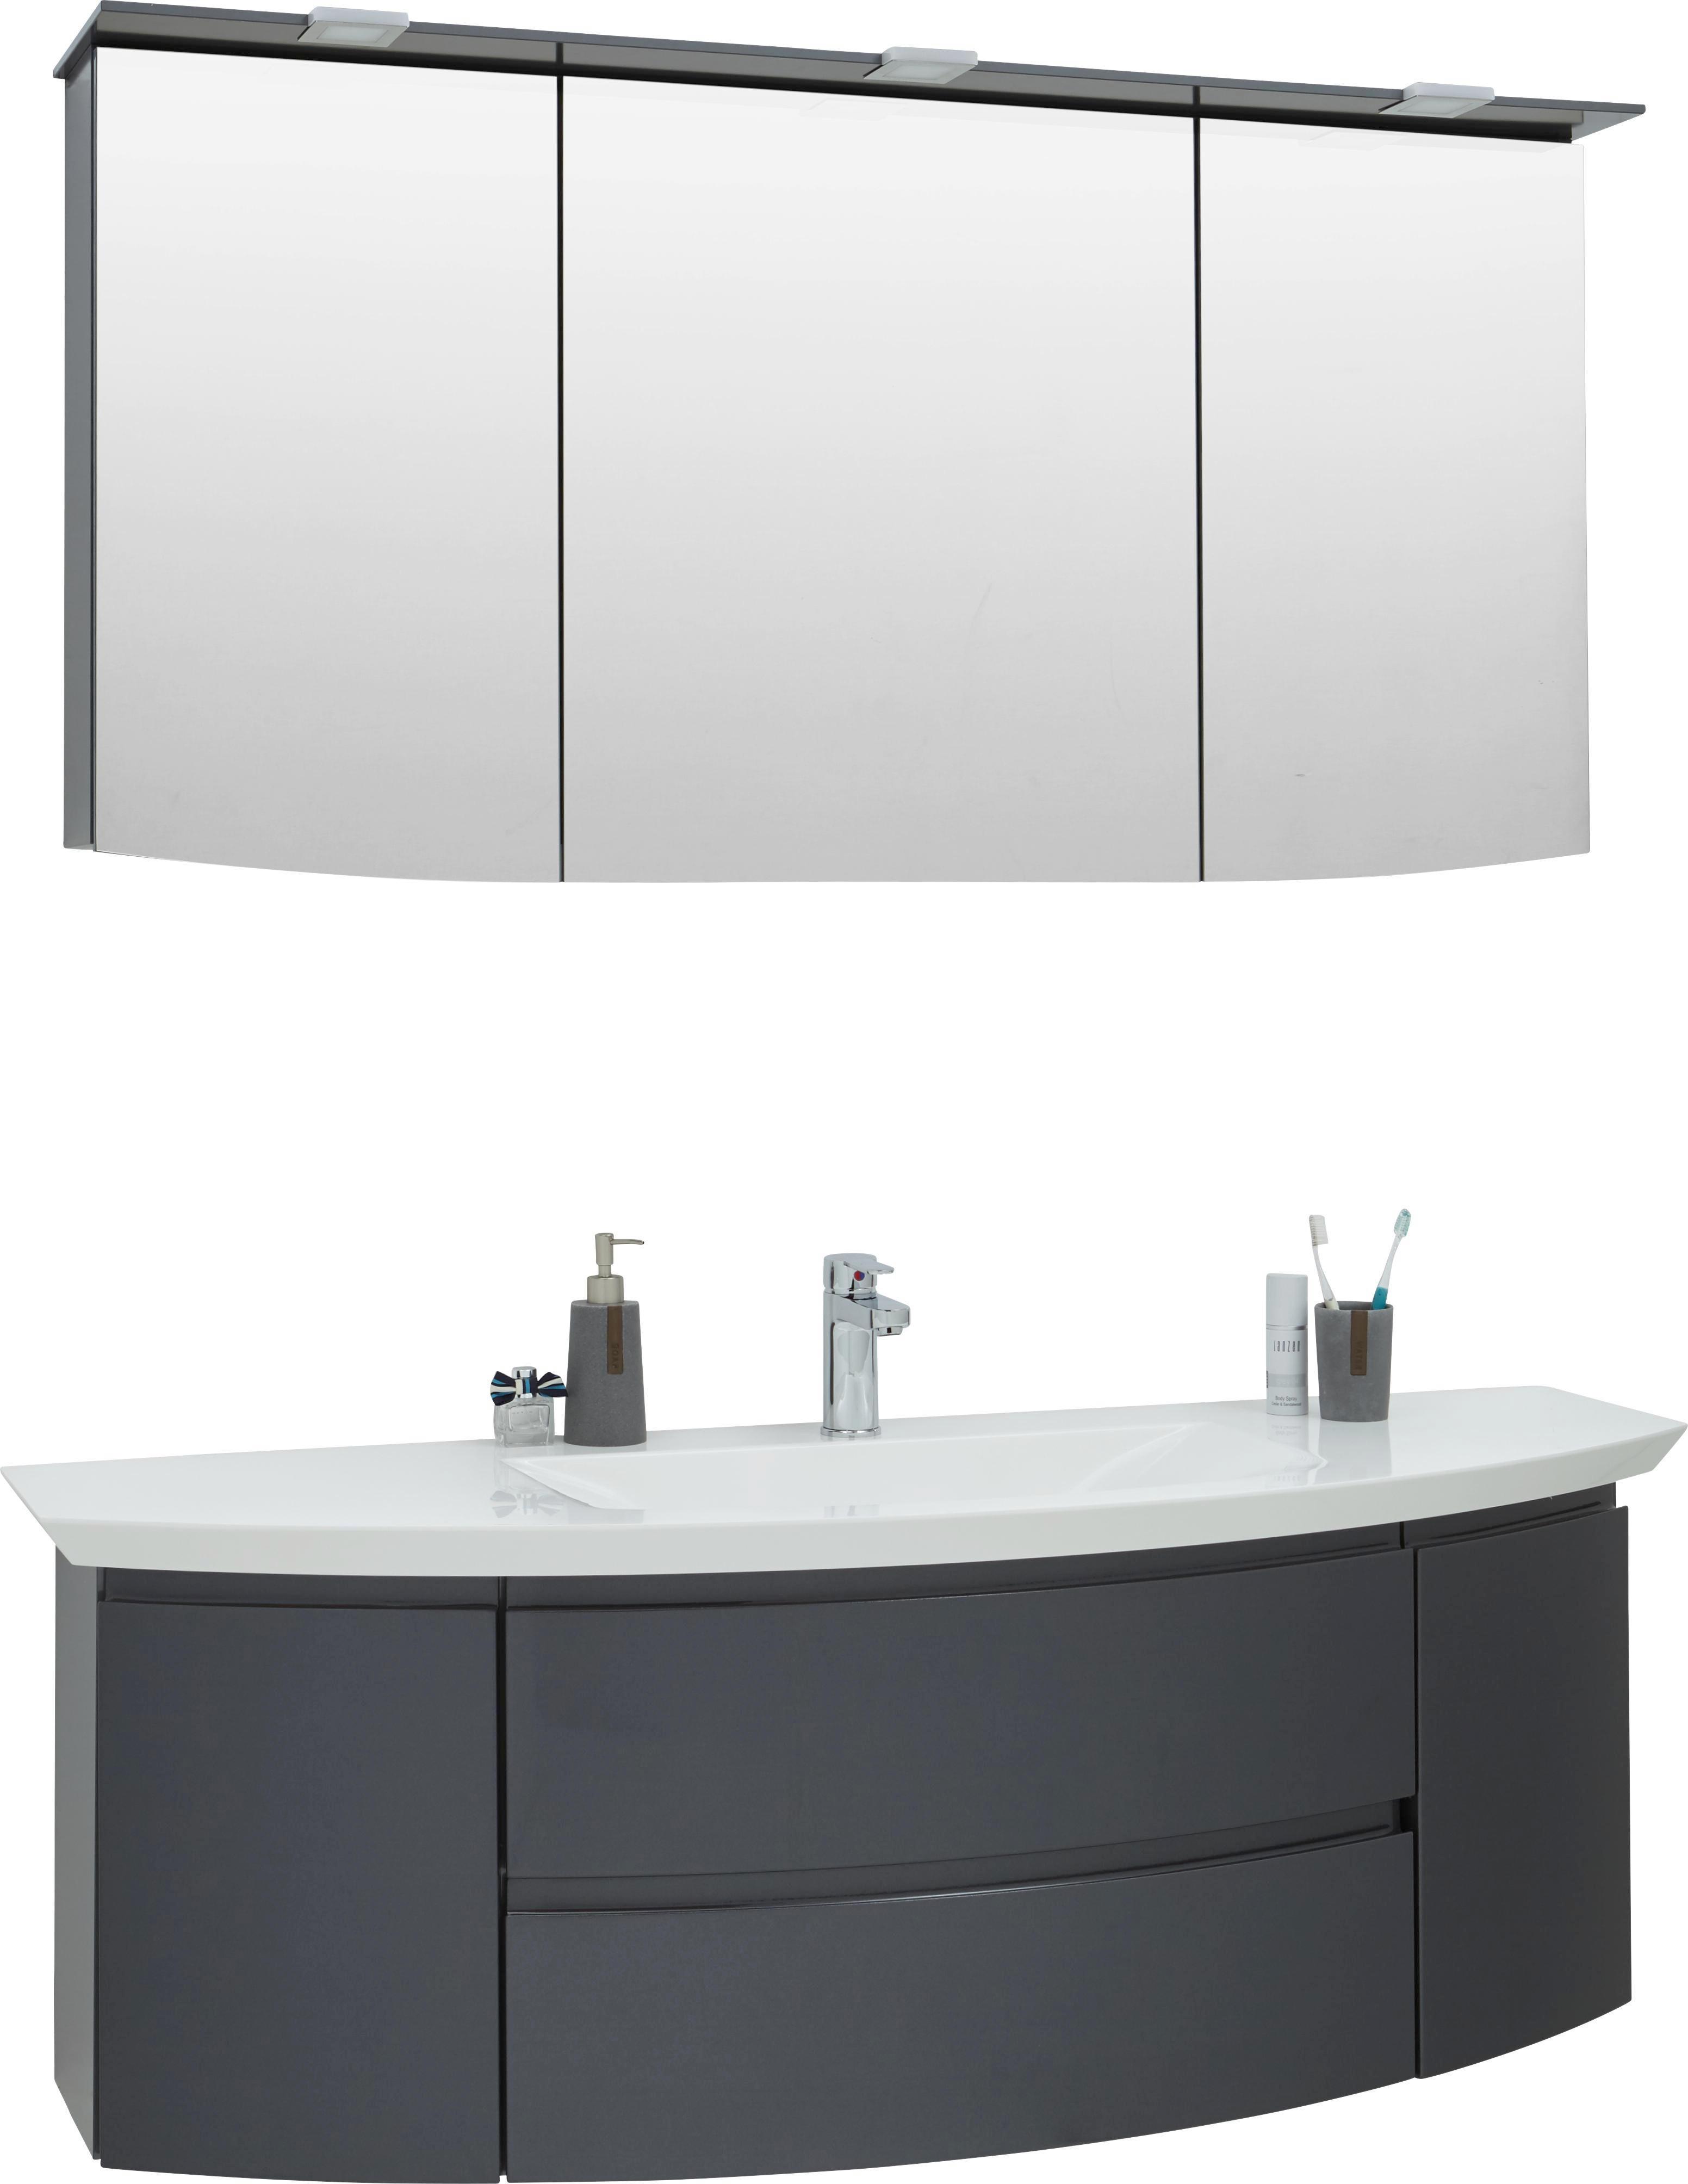 BADEZIMMER Anthrazit, Weiß   Anthrazit/Weiß, Design, Glas/Stein (149cm